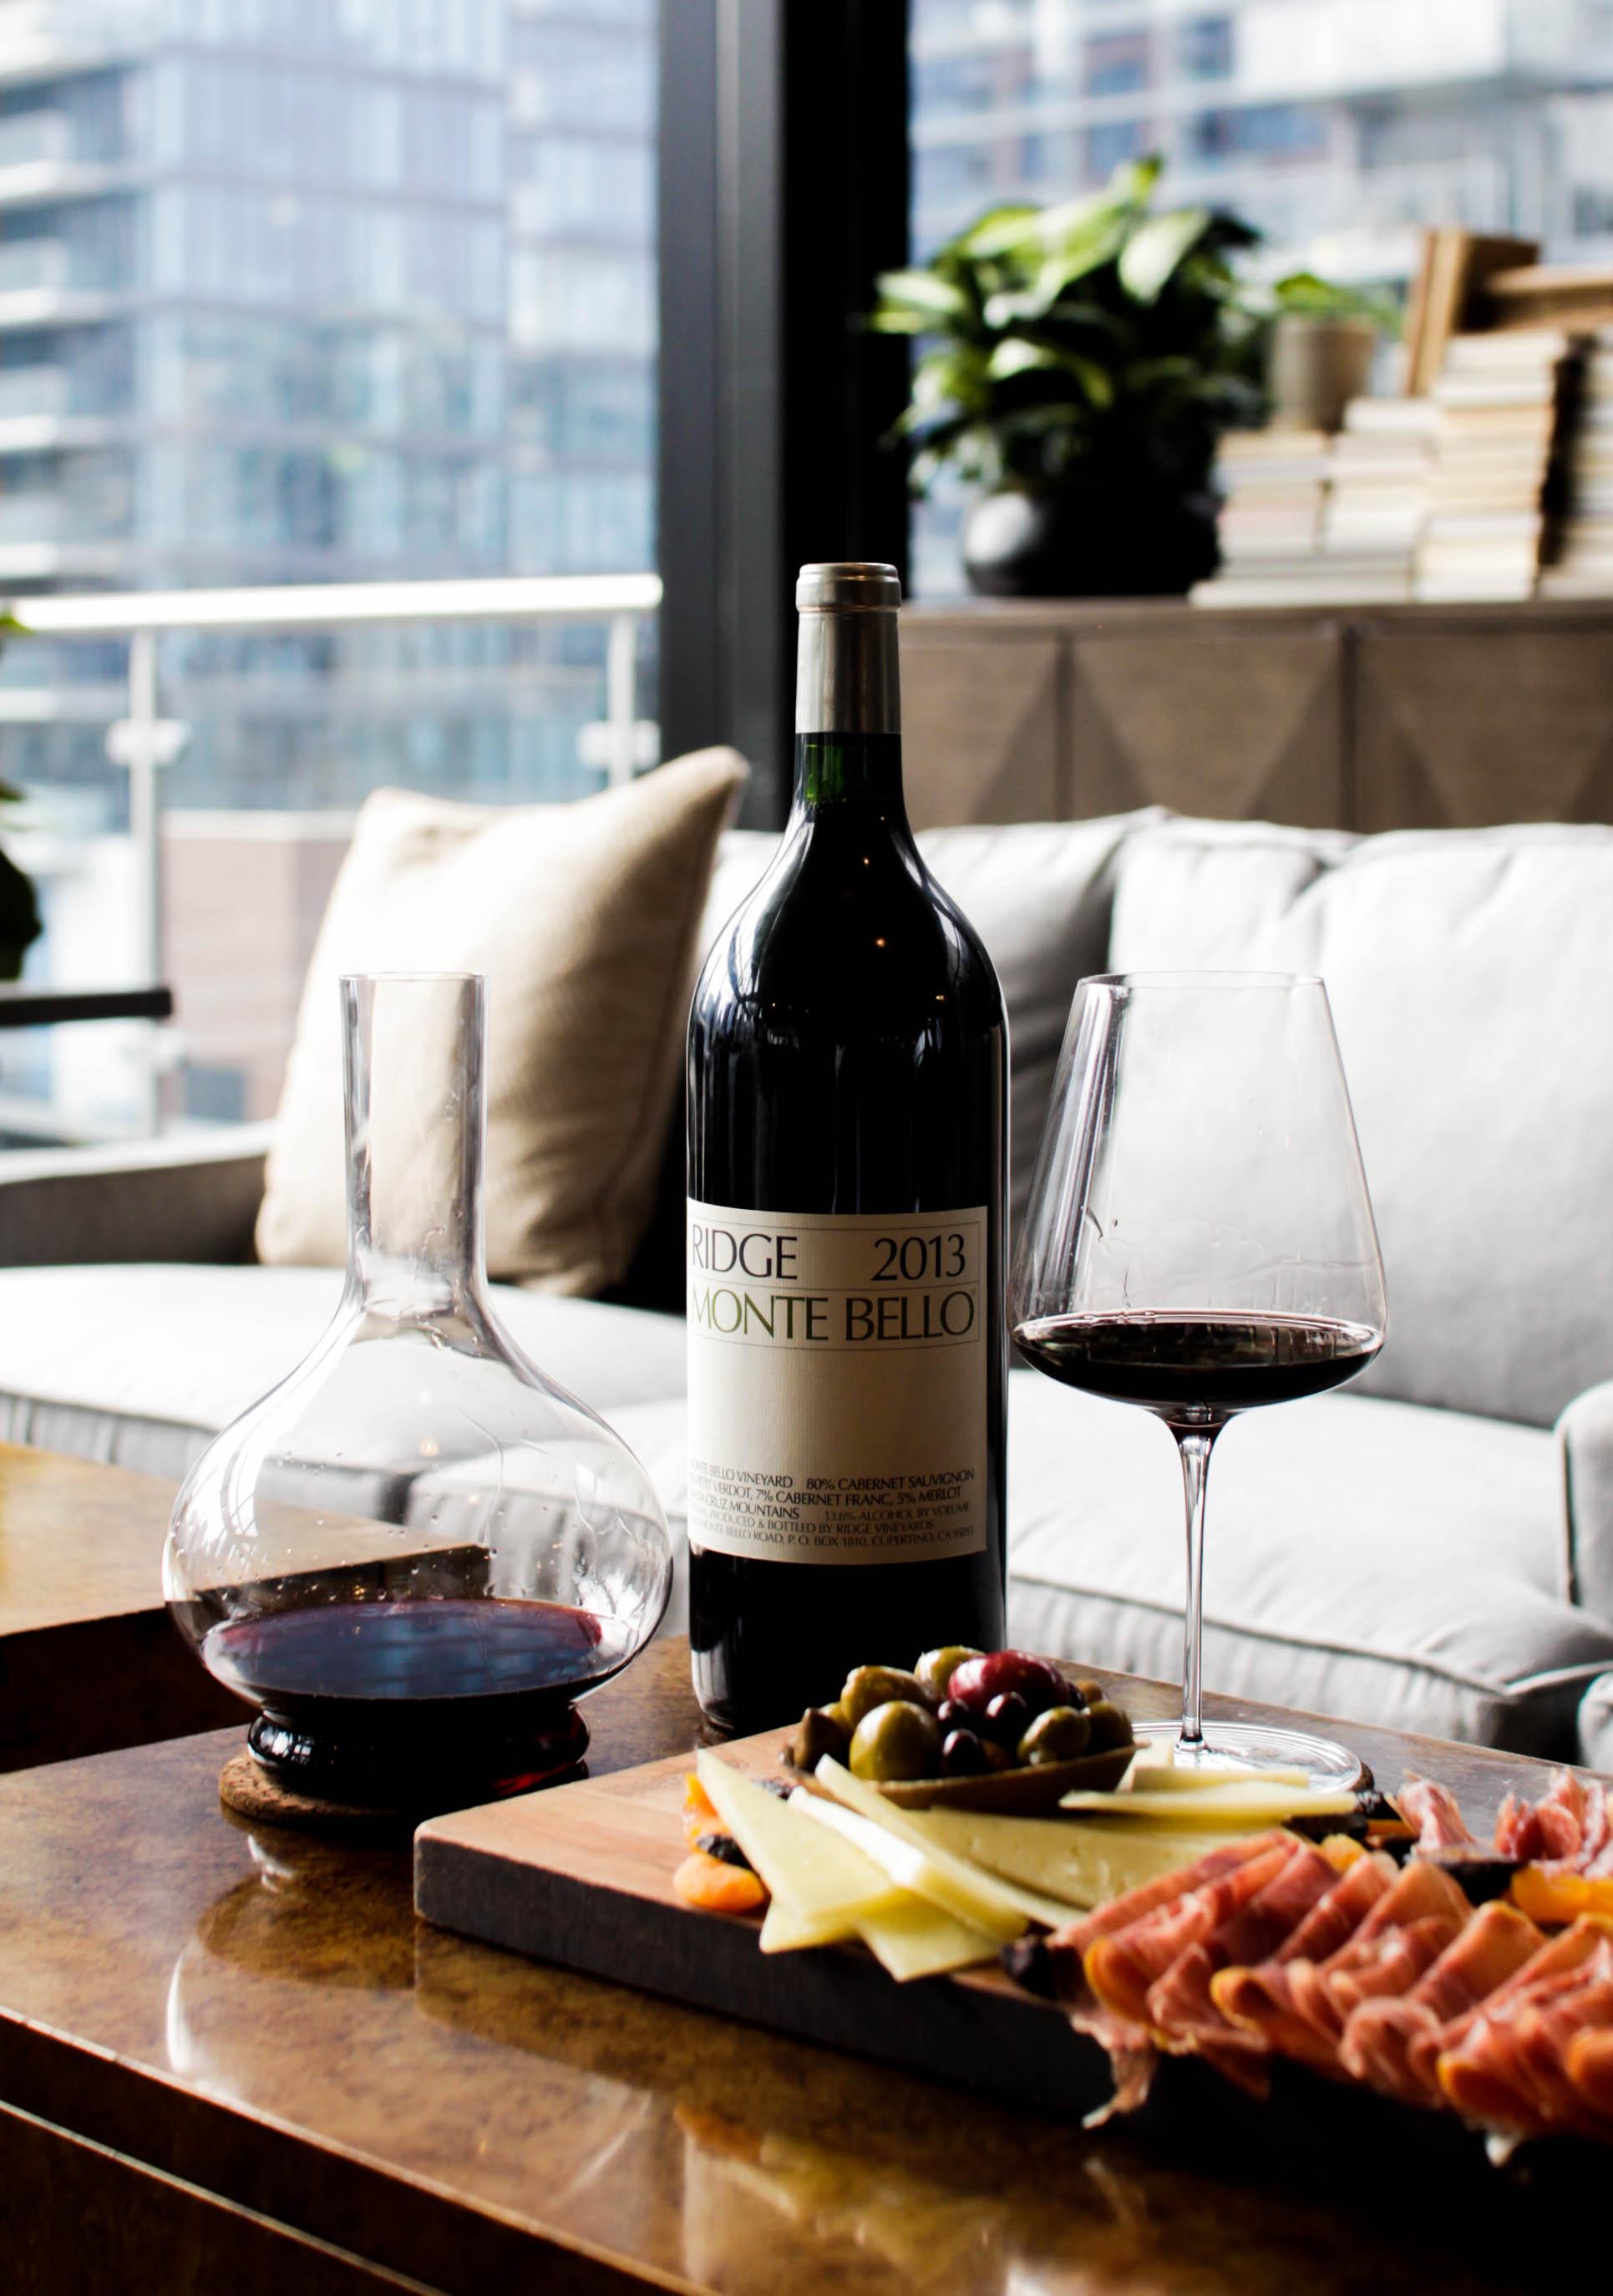 Ridge Wine Photography